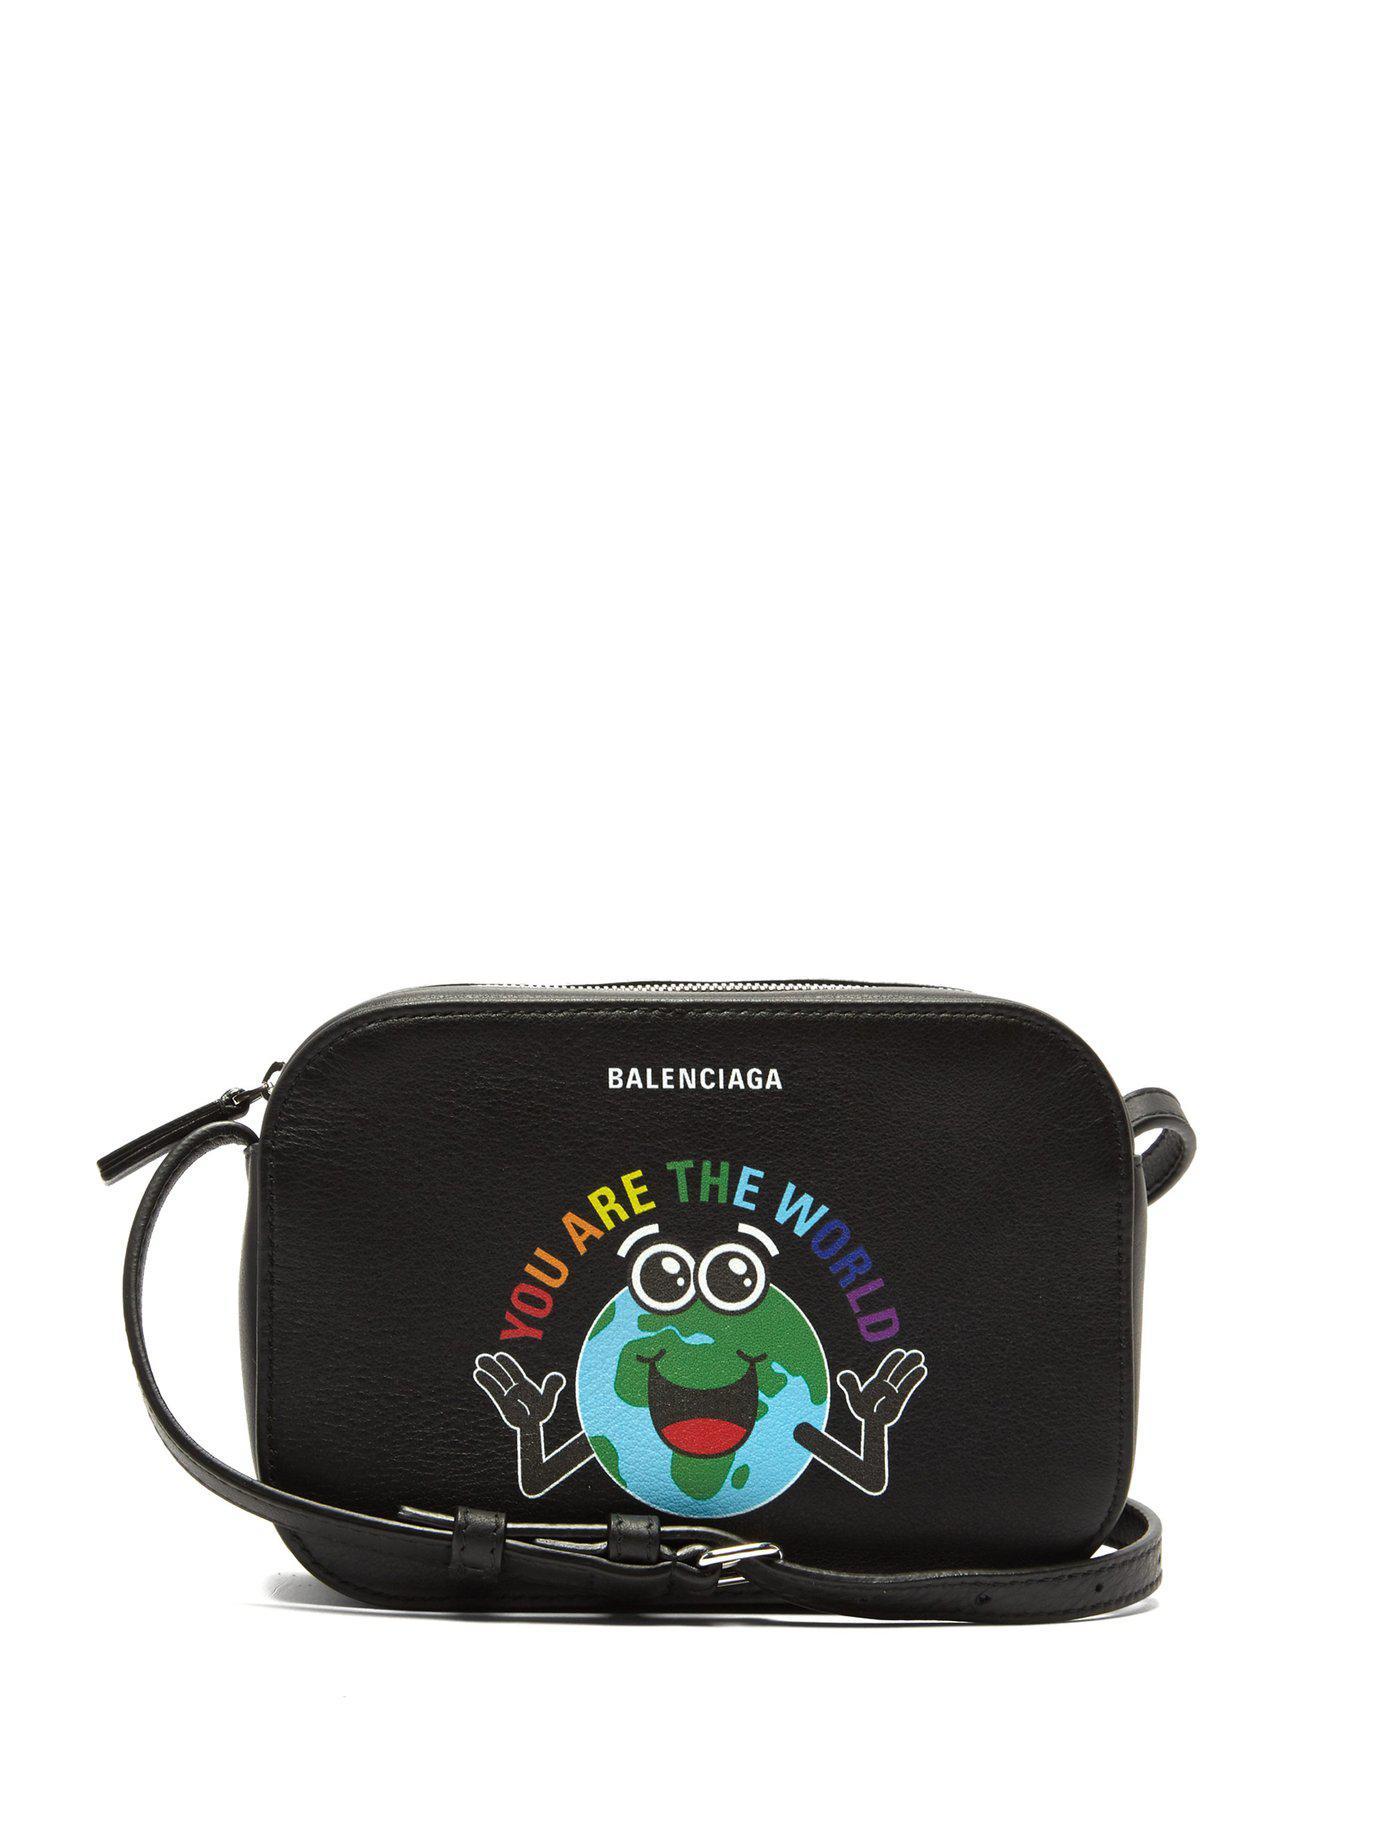 a709dd2b7d22 Balenciaga - Black Everyday Xs Leather Cross Body Bag - Lyst. View  fullscreen